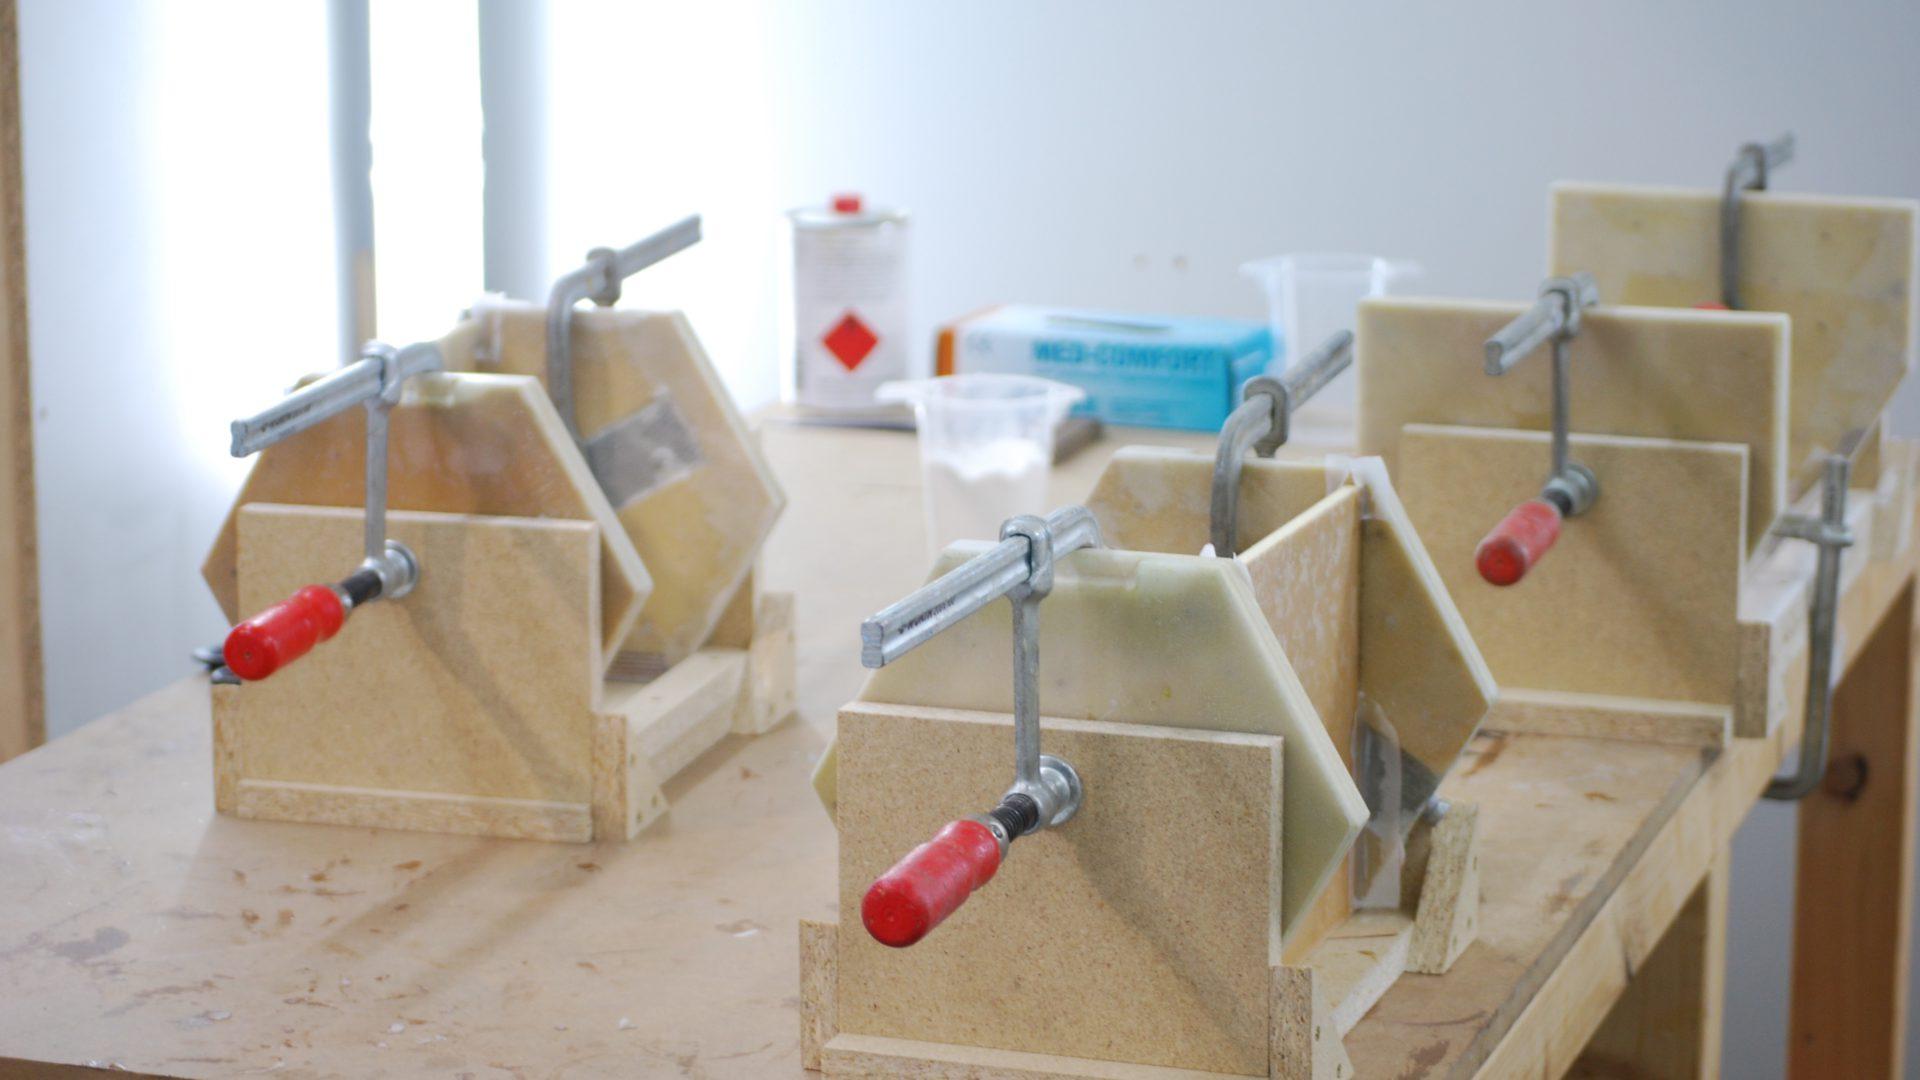 Modellbau Detailansicht mit Zangen und Kleber.